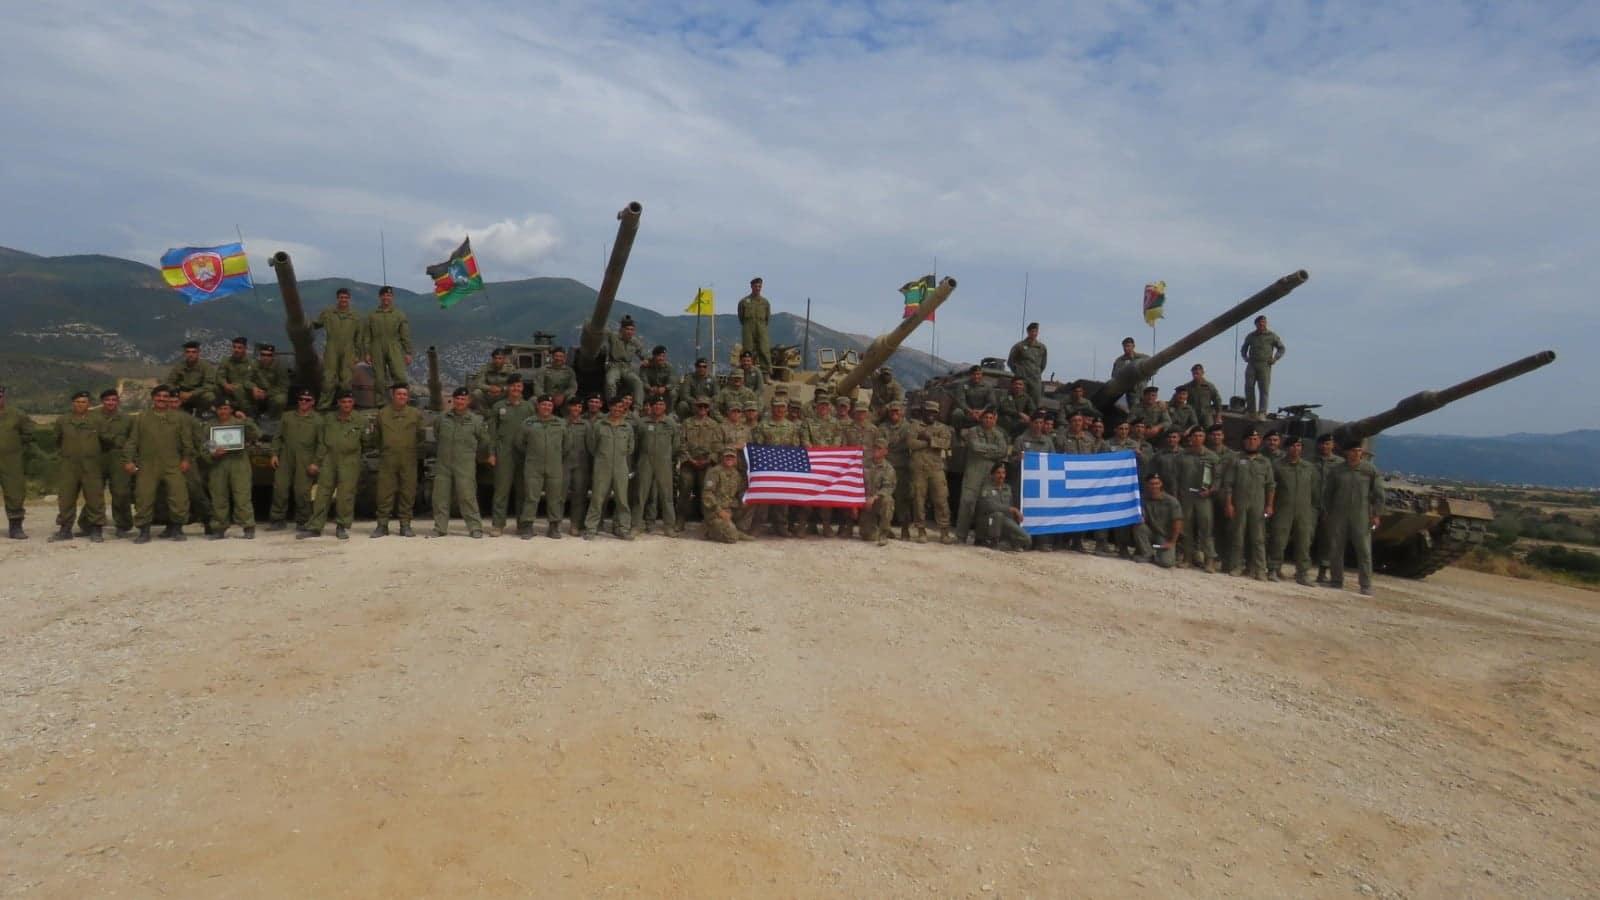 Οριακά, αλλά μπροστά από τον US Army ελληνικός ουλαμός αρμάτων της 211 ΕΜΑ!